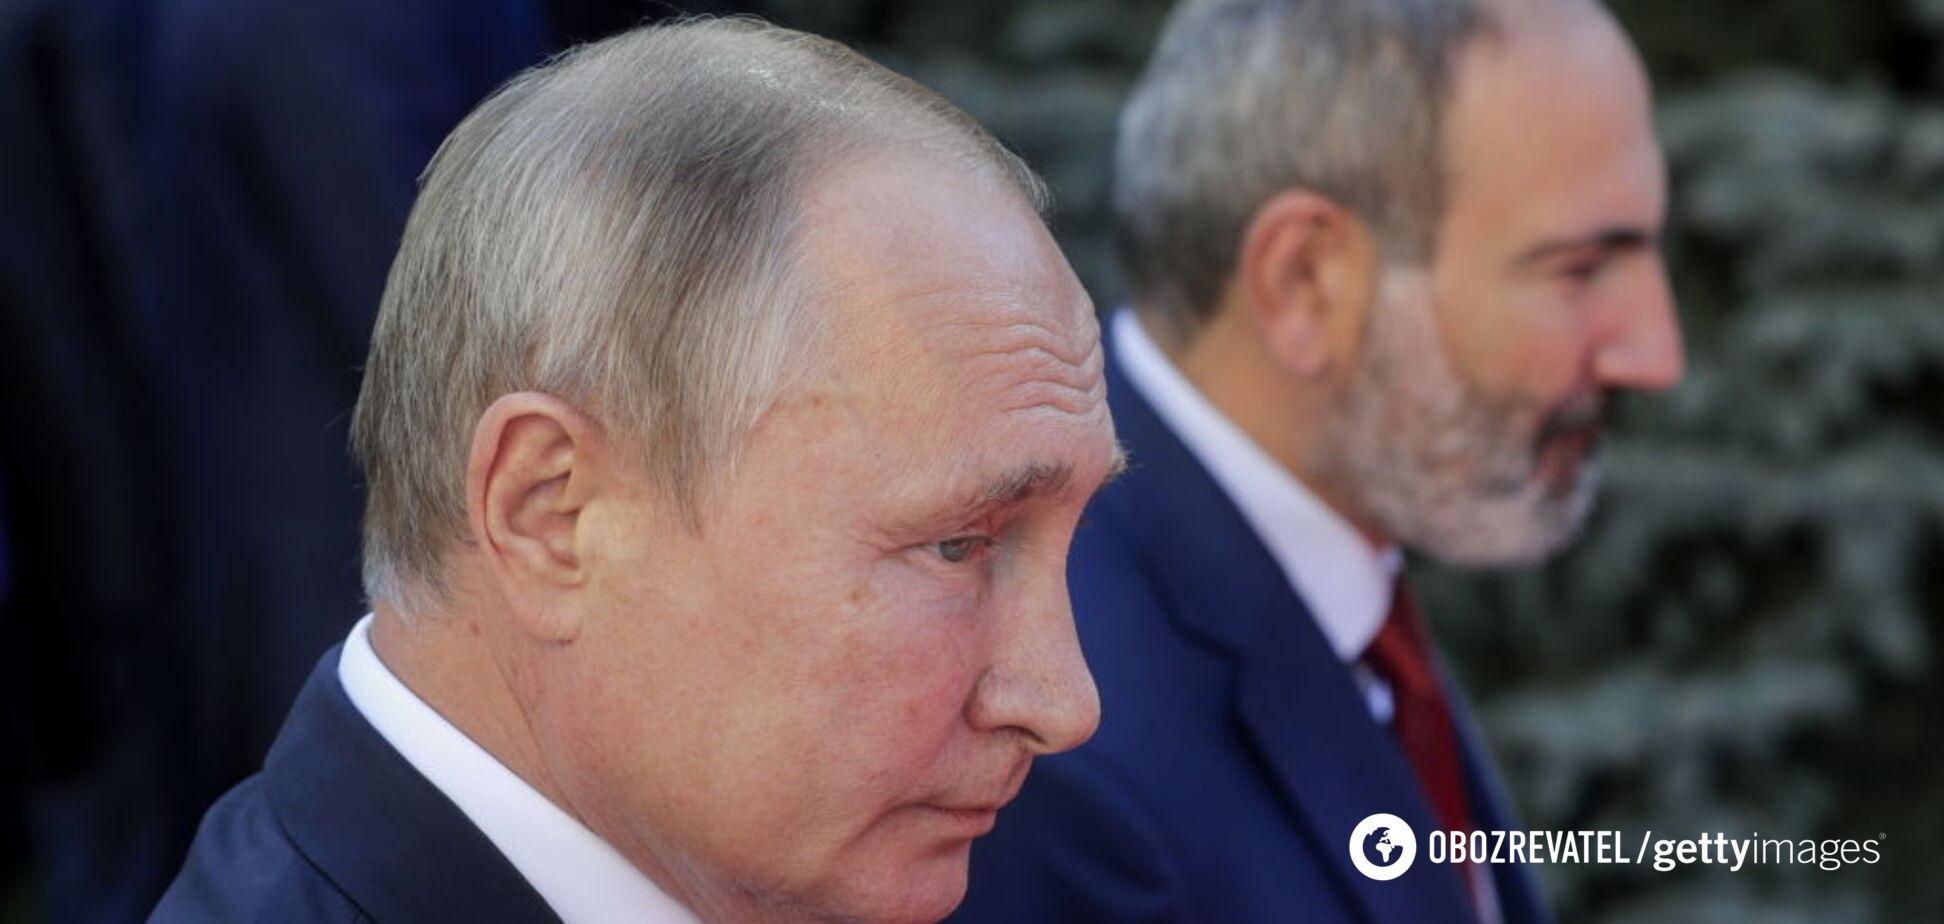 'Виконуйте зобов'язання!' Журналістка публічно 'наїхала' на Путіна. Відео